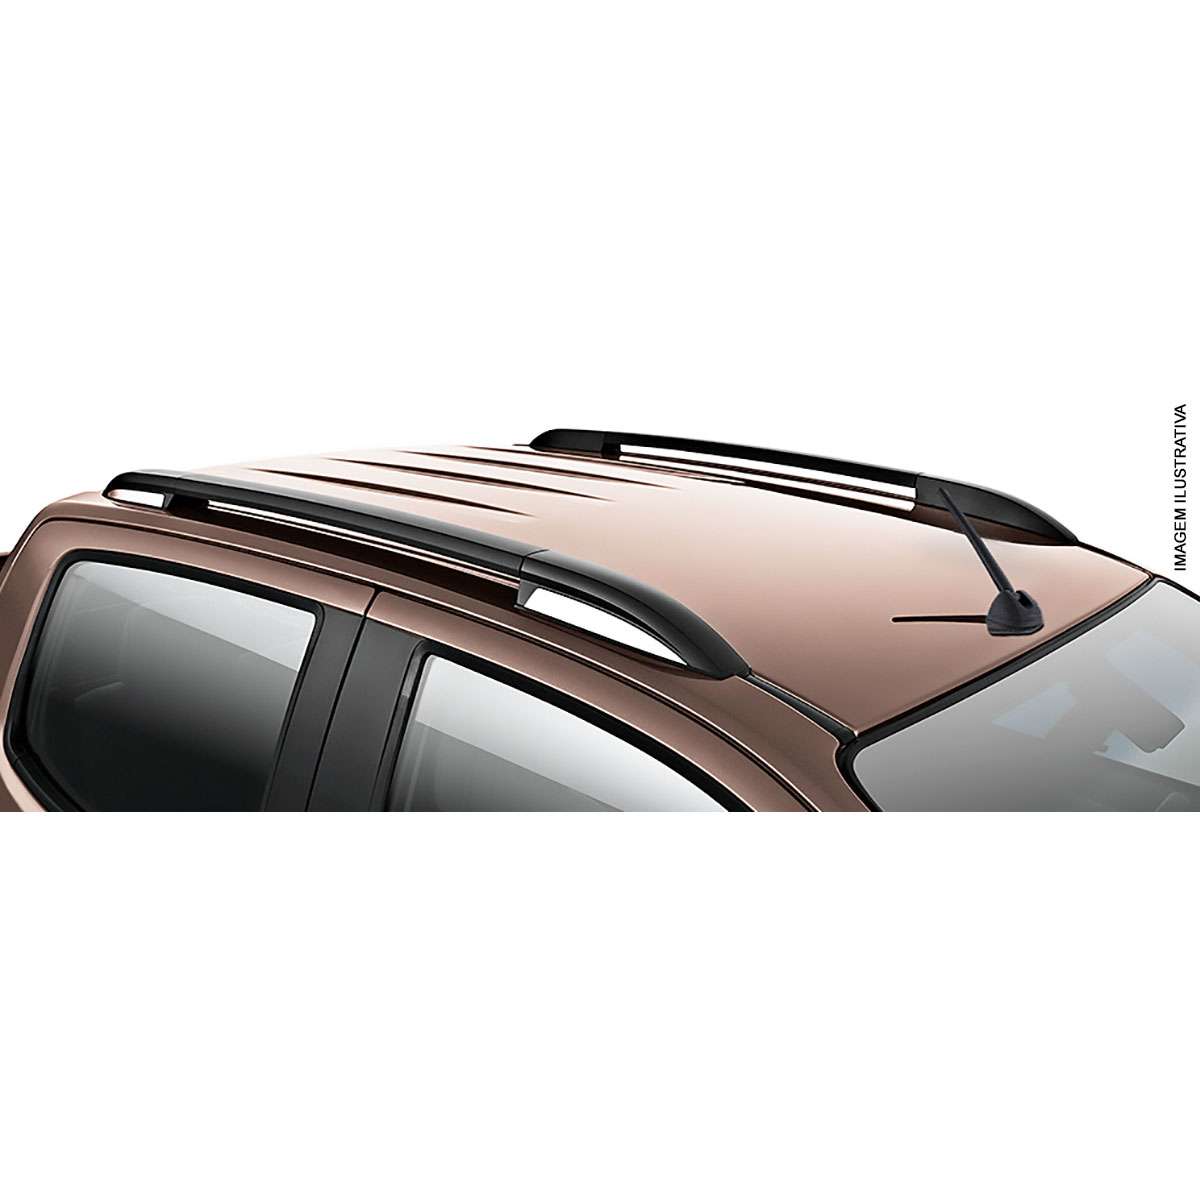 Longarina rack de teto Nova S10 cabine dupla 2012 a 2017 semelhante original